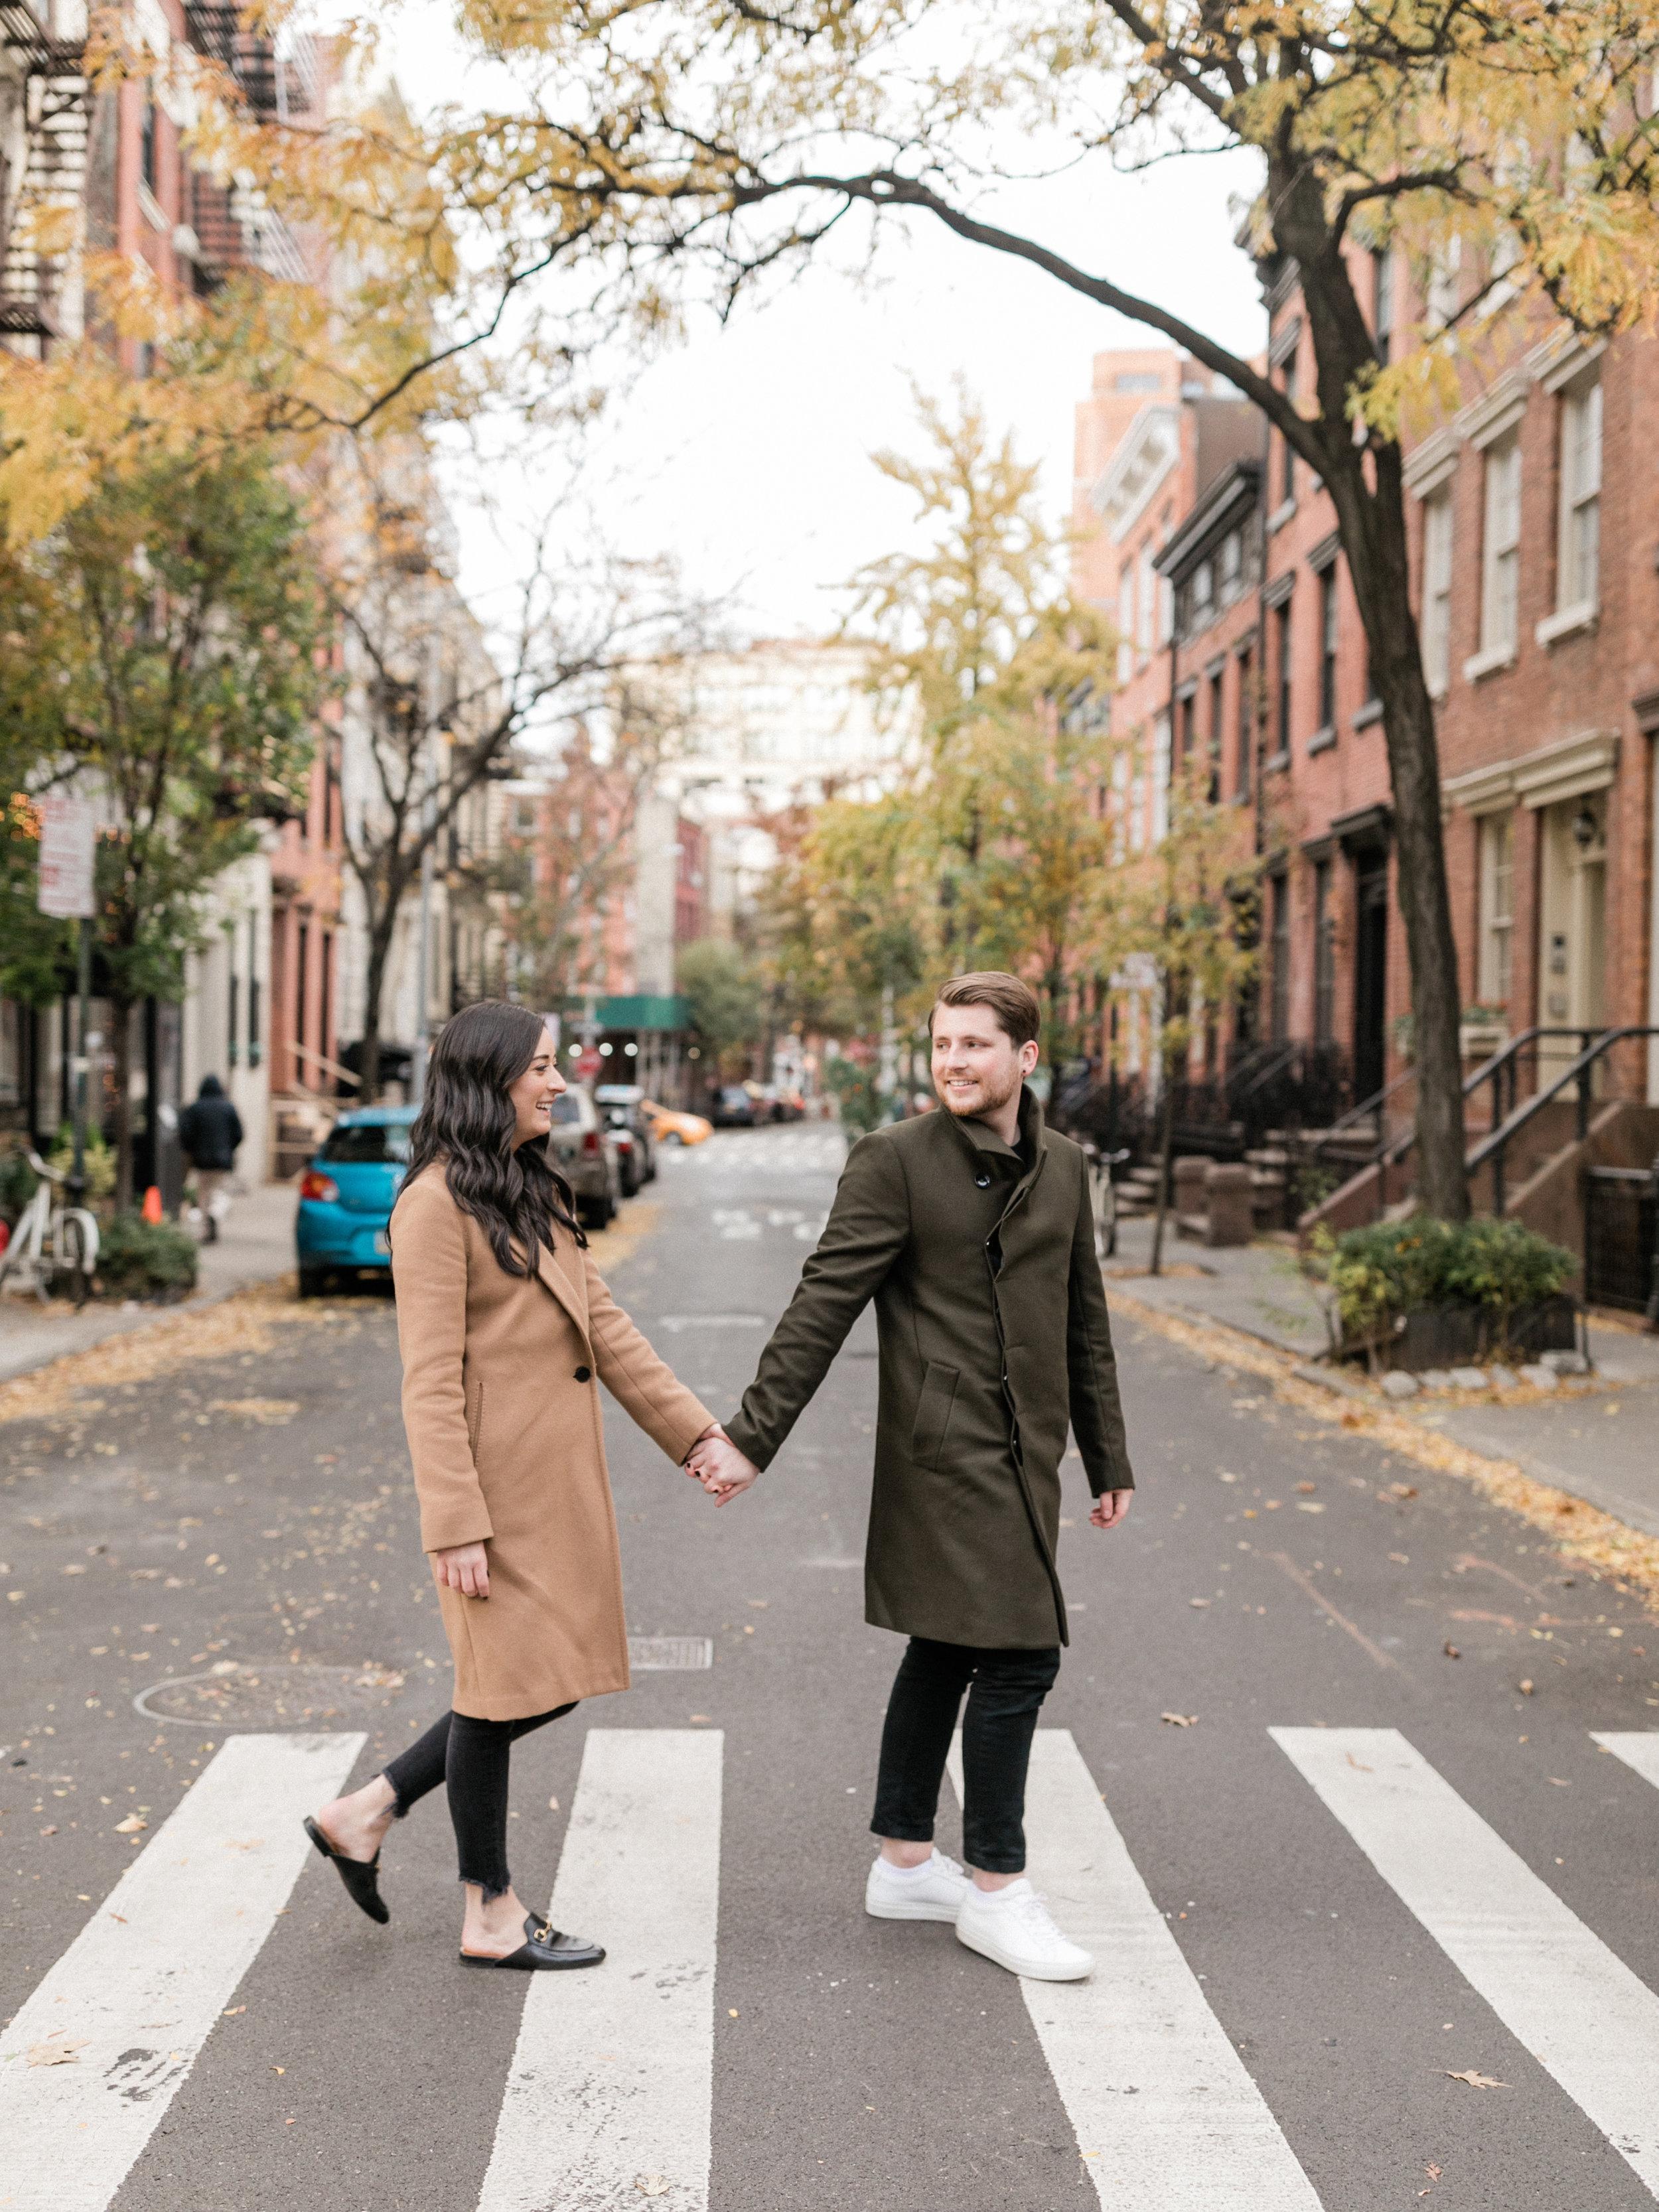 asher-gardner-nyc-engagement-17.jpg